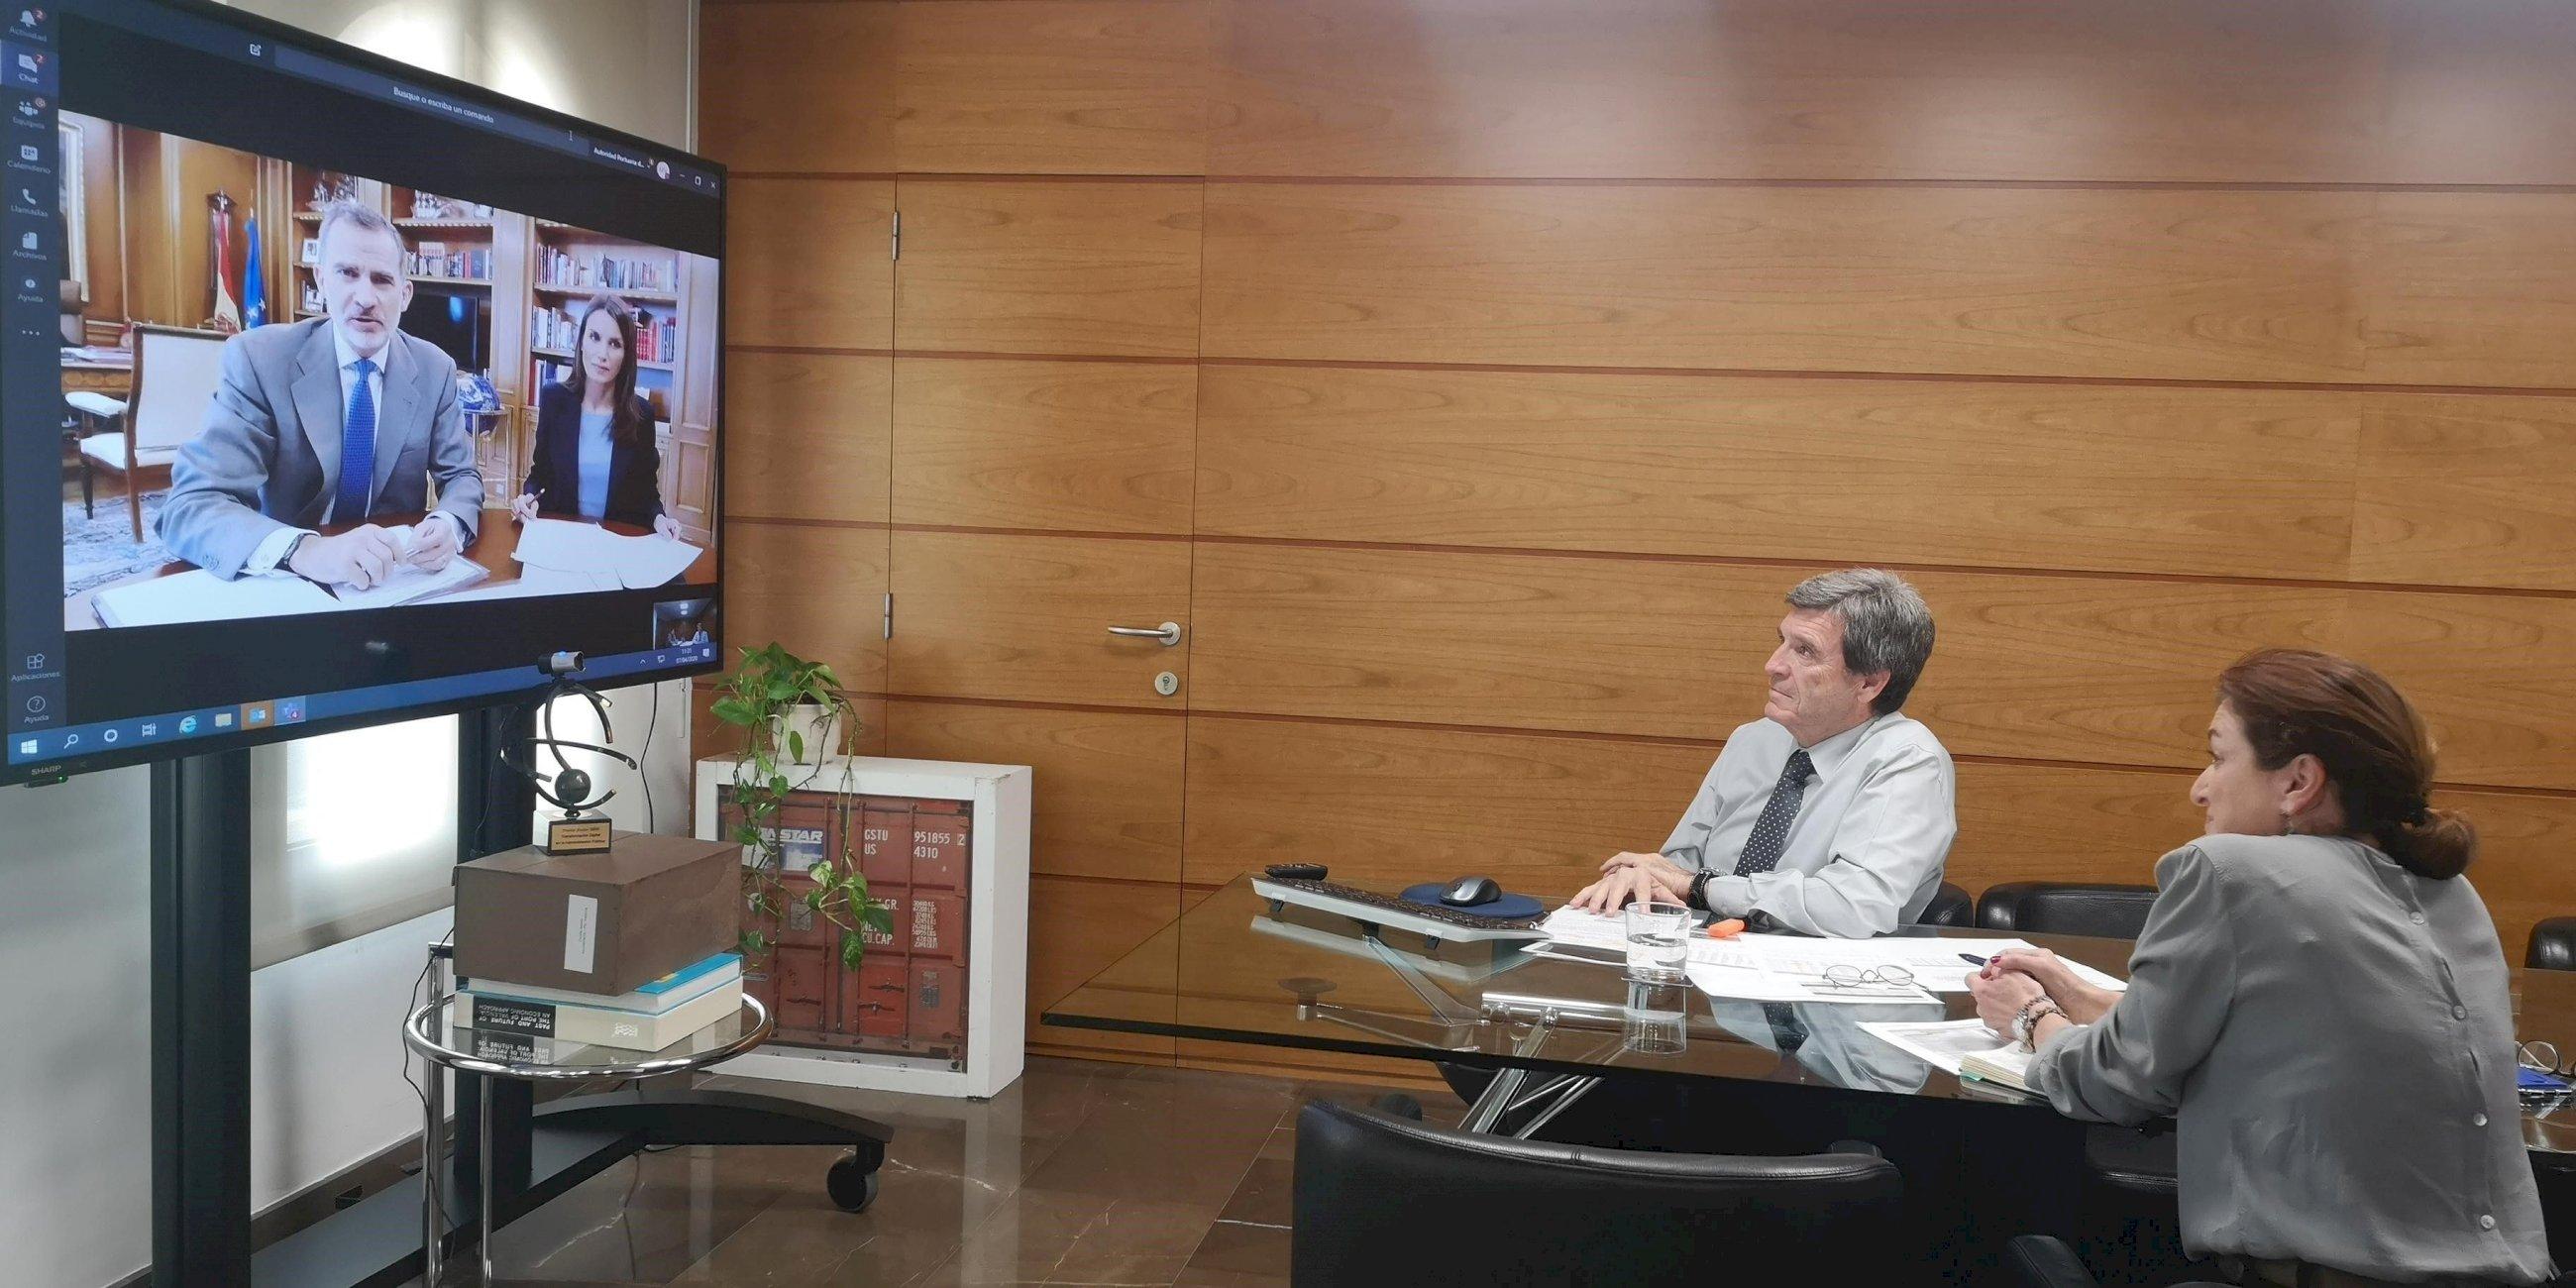 El Rey Felipe VI y Doña Leticia, en videoconferencia con el presidente de la APV, Aurelio Martínez, y su jefa de gabinete, Marta Villalonga.